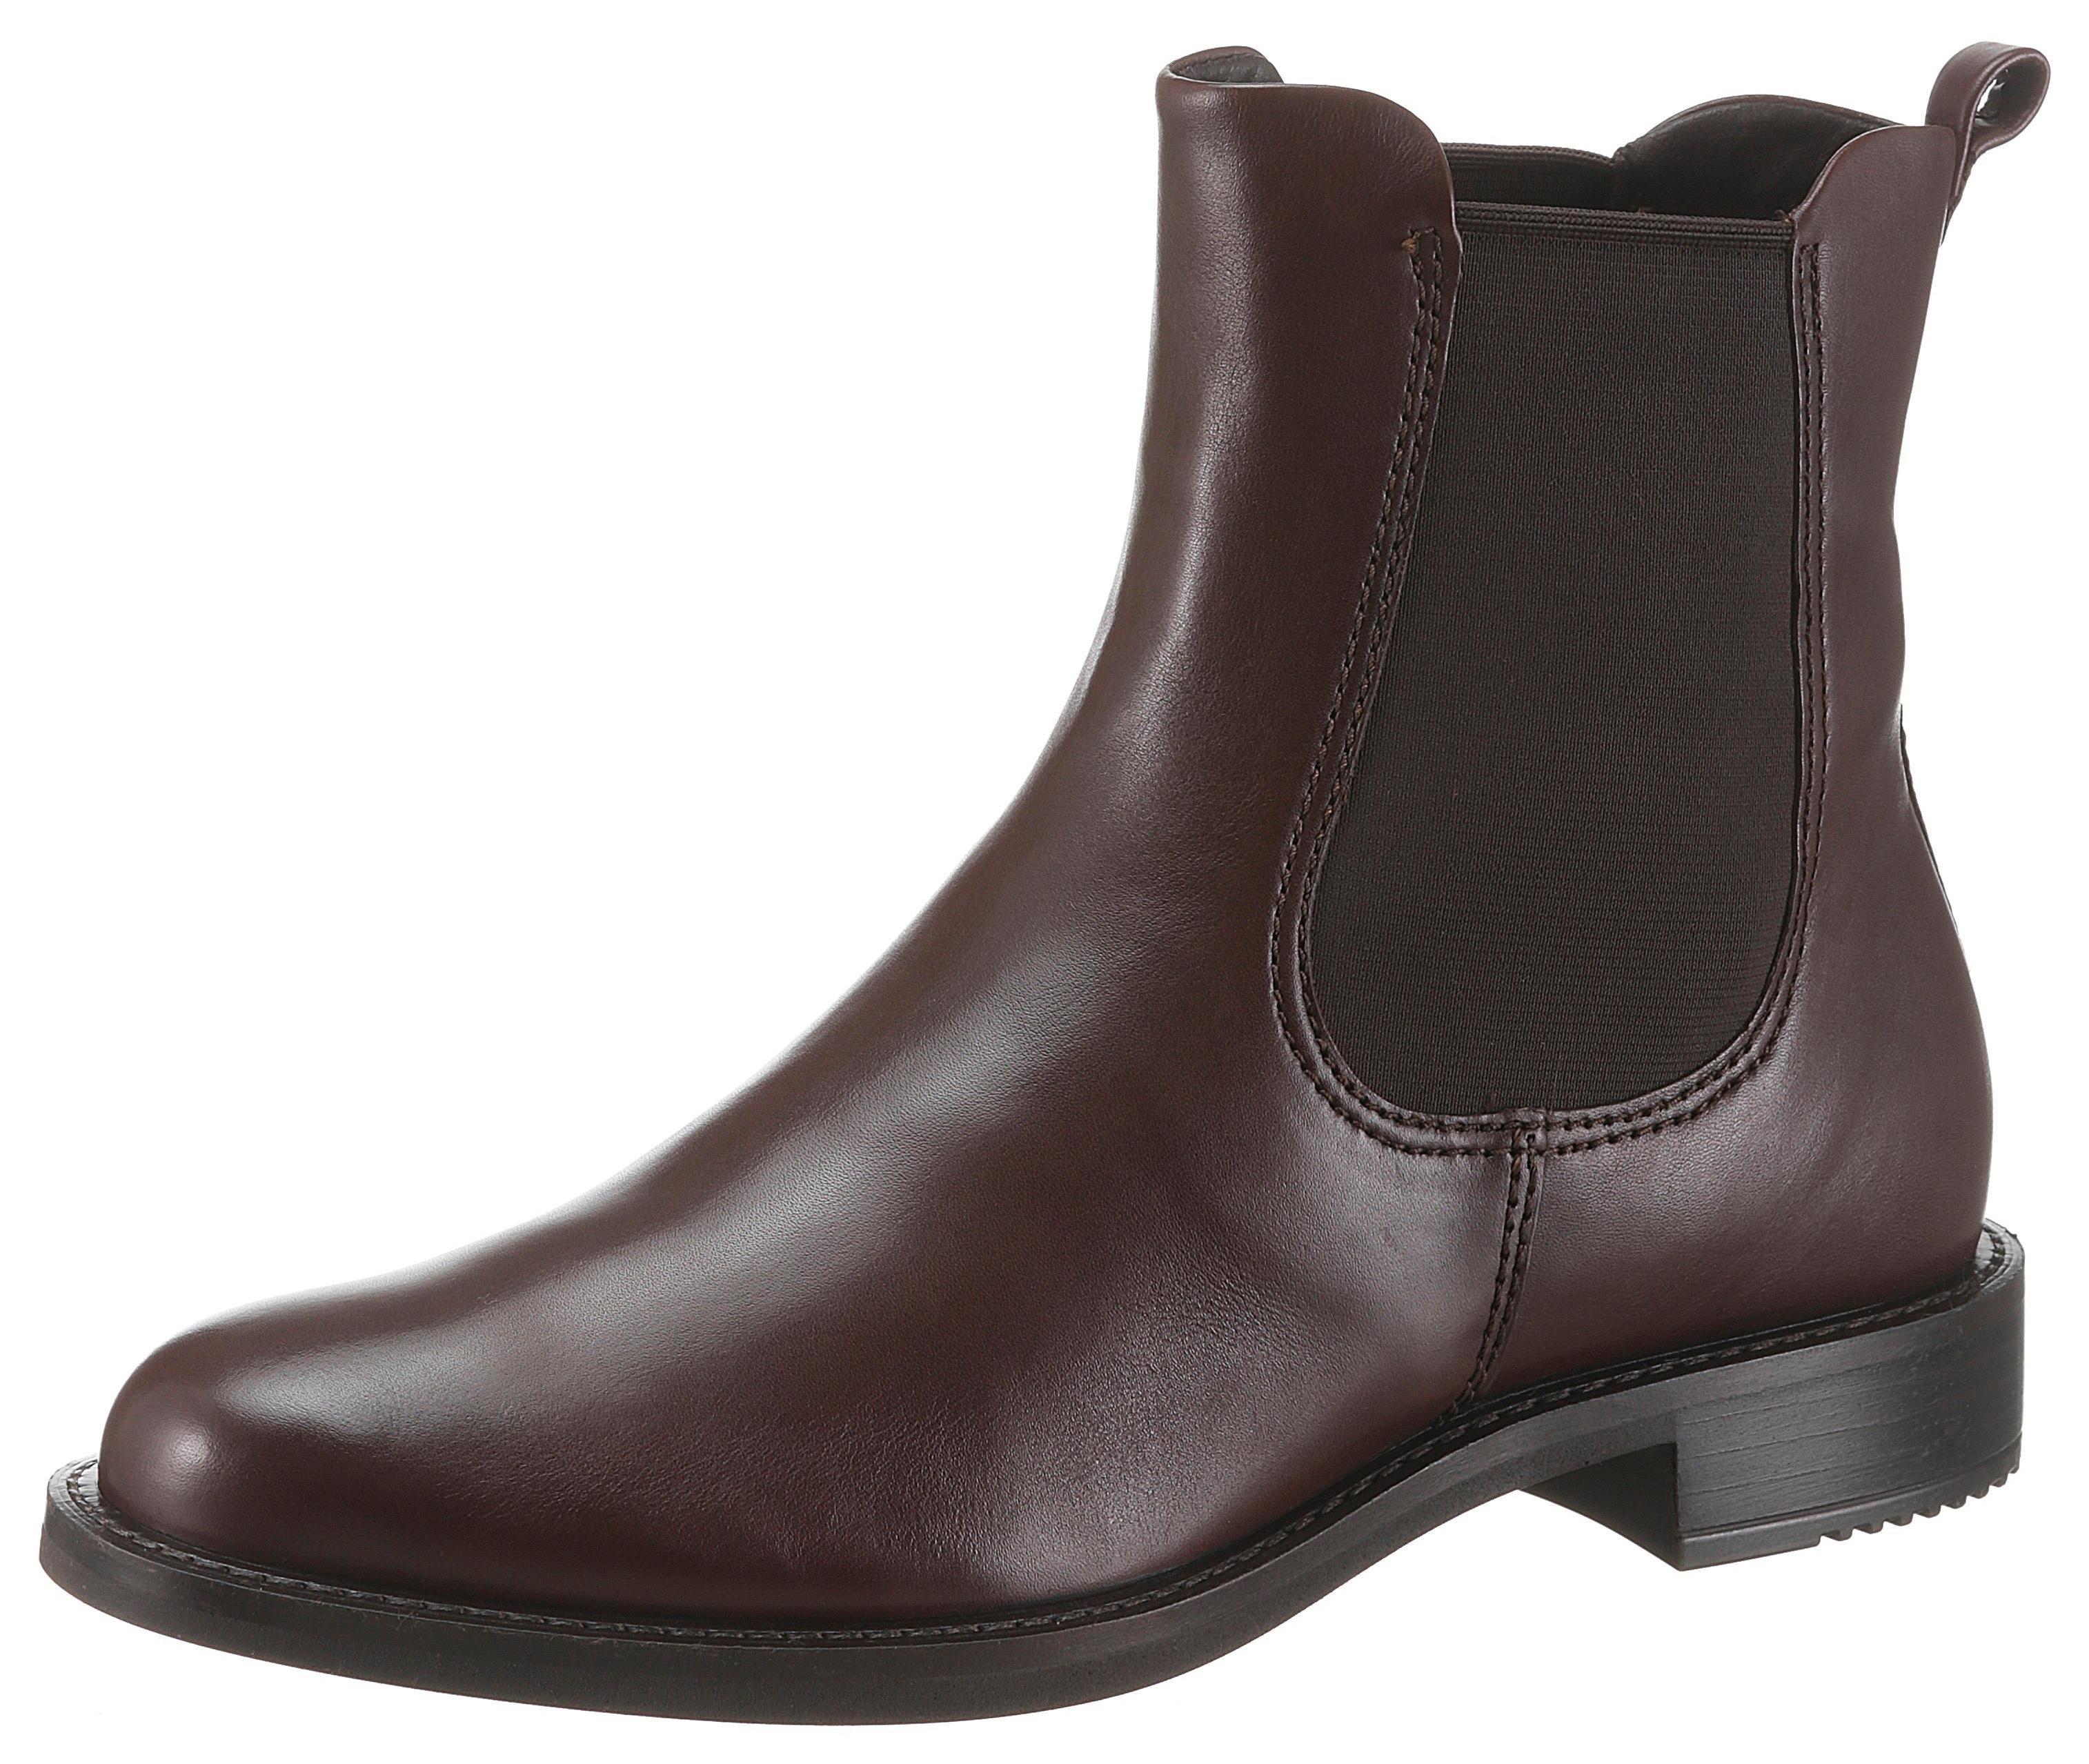 Ecco Chelsea-boots »Shape« bestellen: 14 dagen bedenktijd